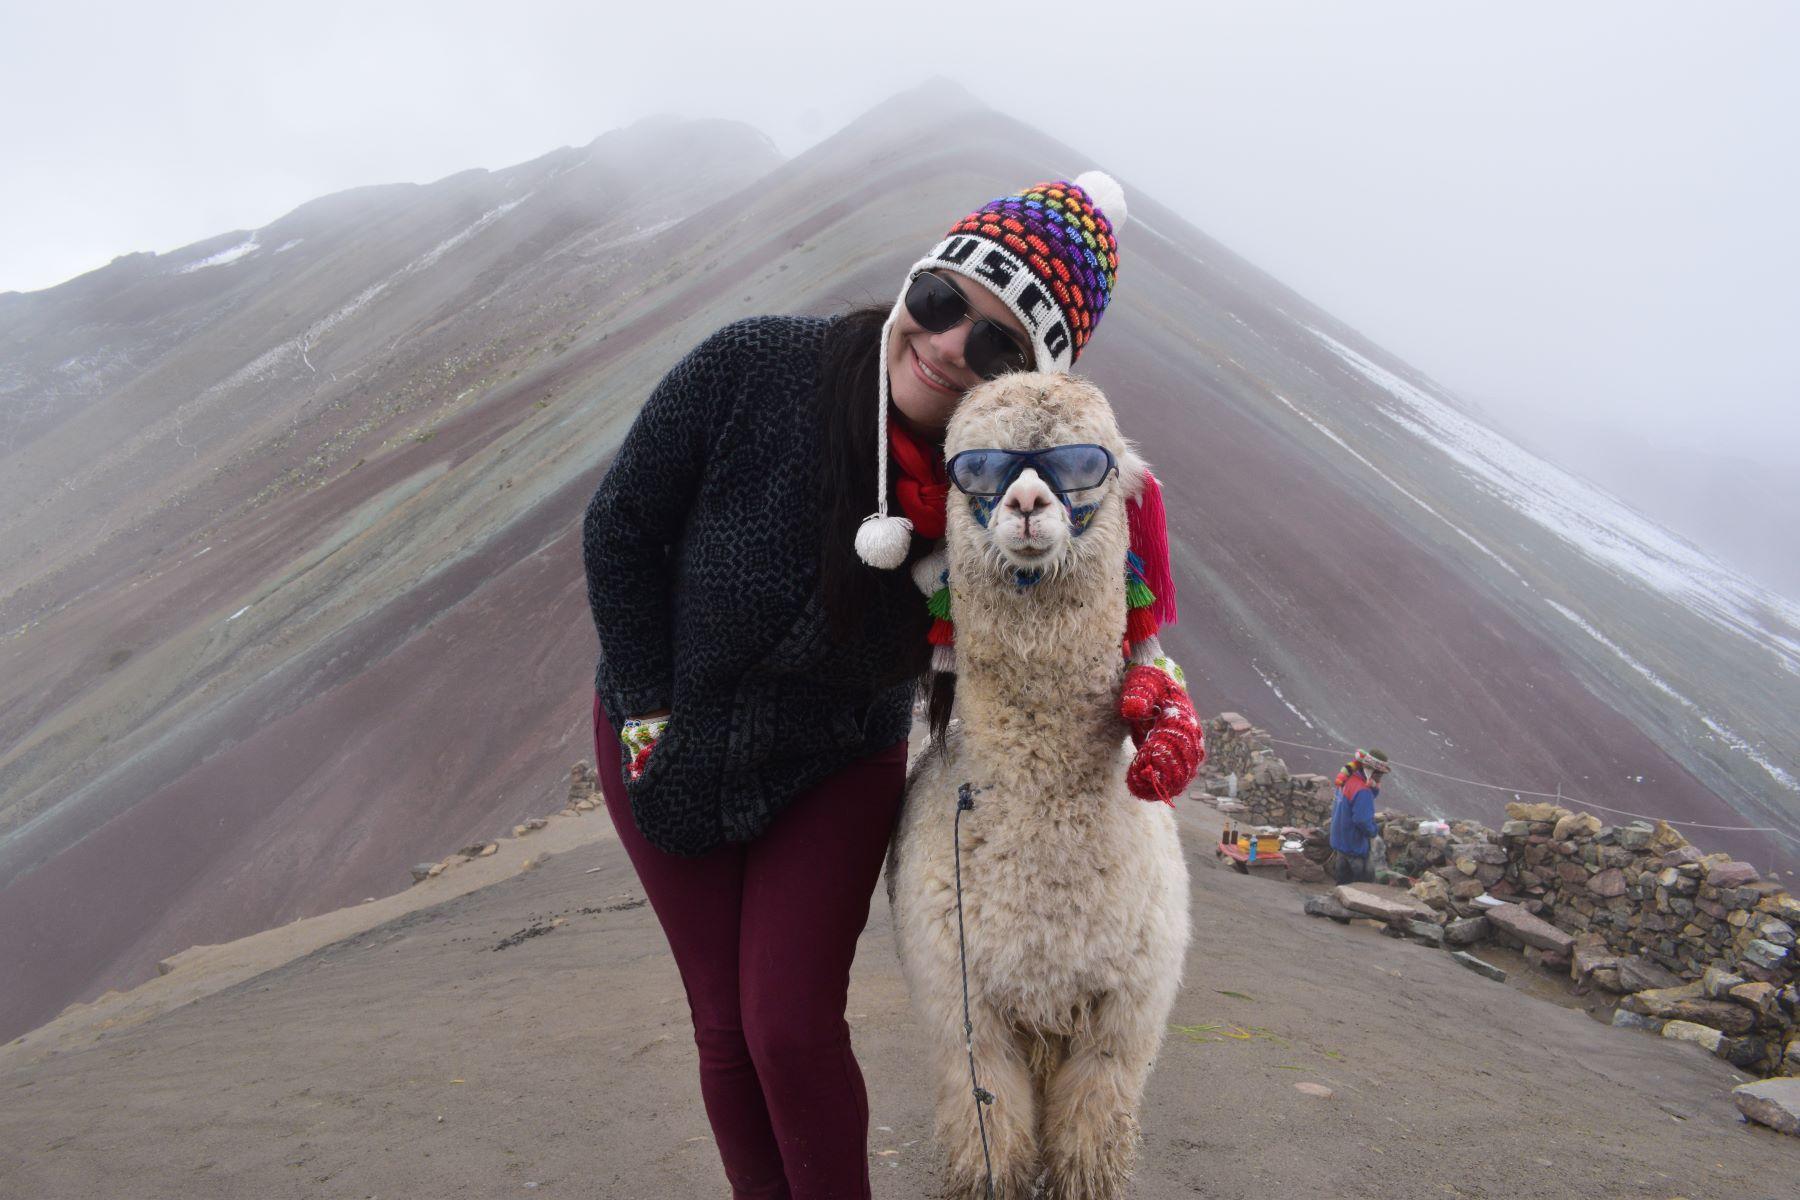 mulher jovem abraçando uma llama peruana